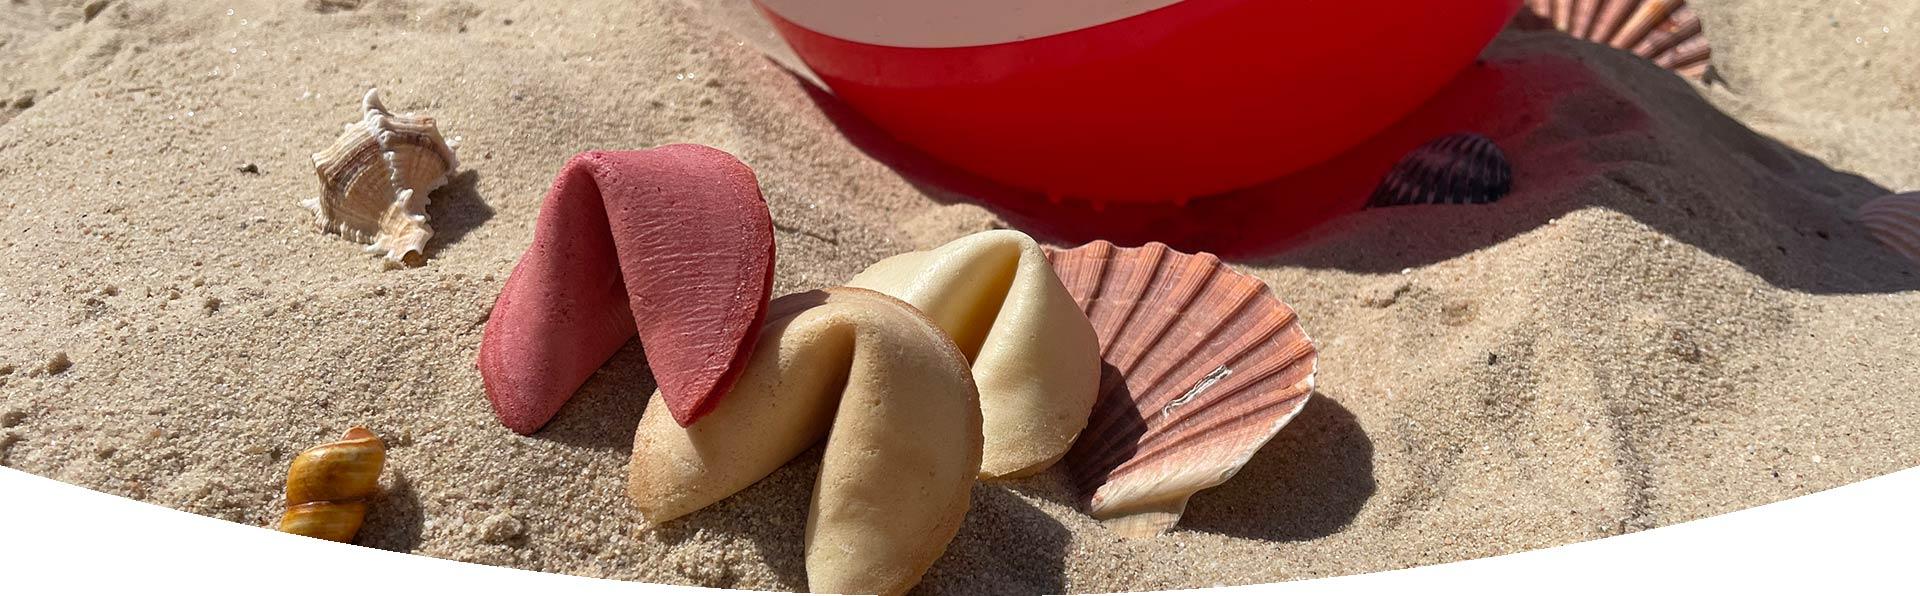 Fruchtige Sommer-Glückskekse im Sand mit Muscheln und Wasserball